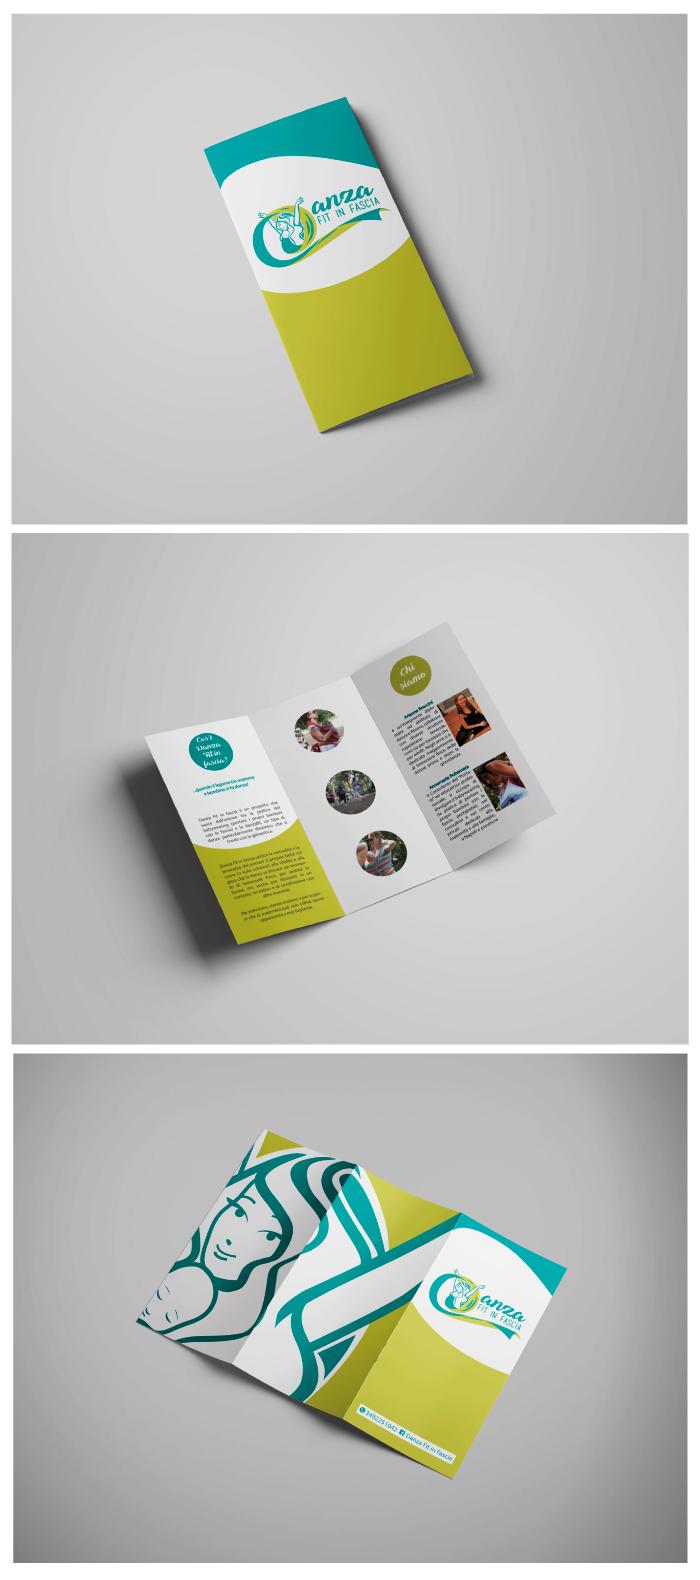 Danza Fit in fascia - Brochure, danza fit in fascia, danza, ballo, bambini, mamme, fascia, diana petrarca, graphic design, brochure, impaginazione, work